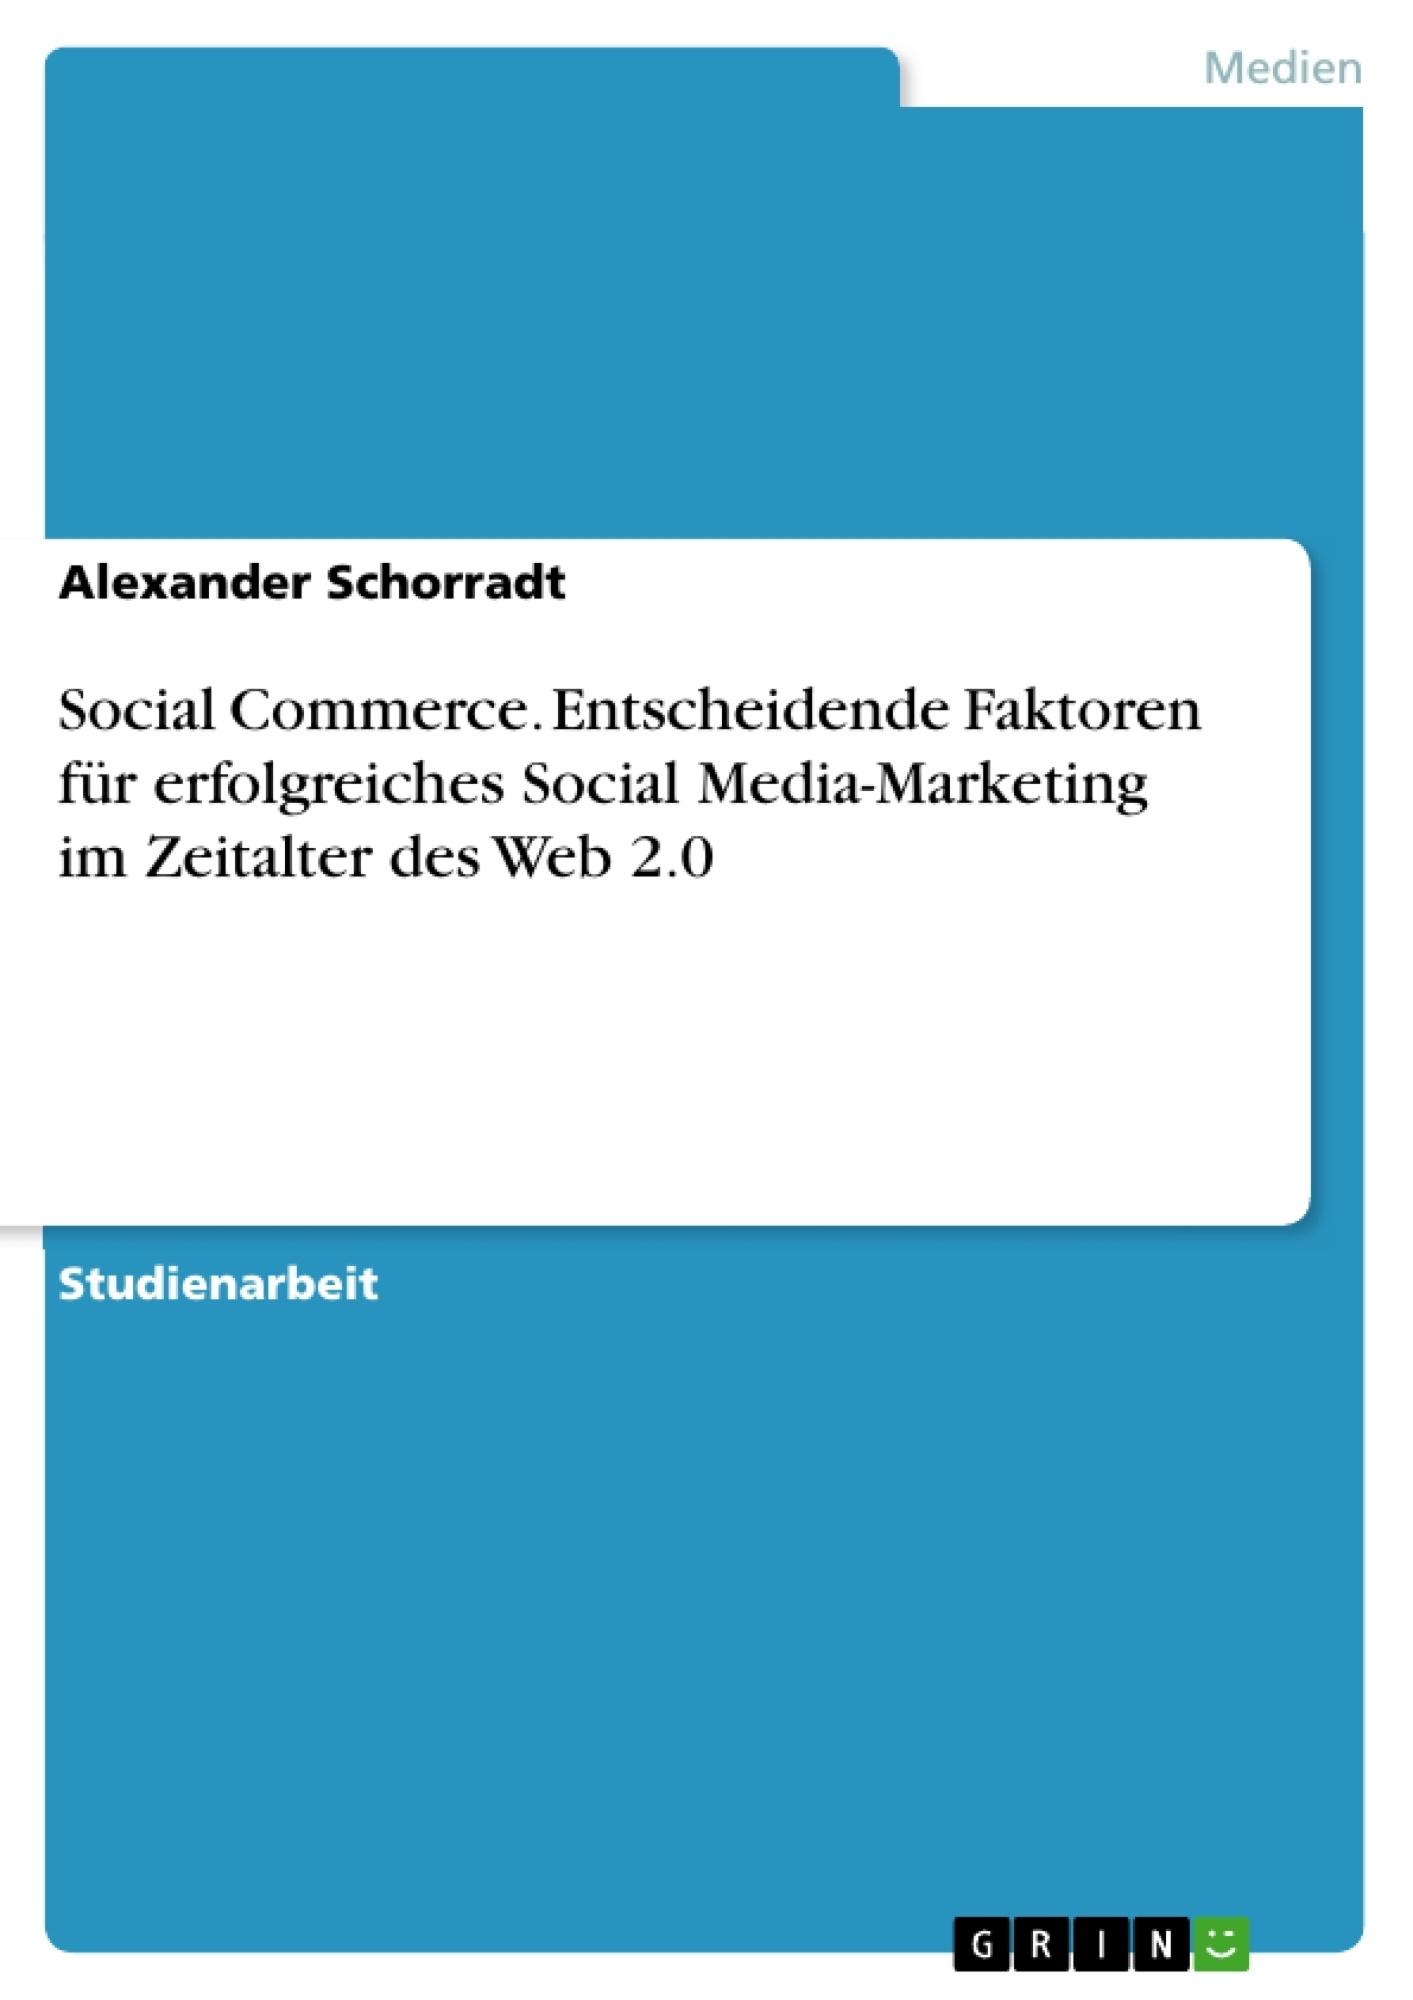 Titel: Social Commerce. Entscheidende Faktoren für erfolgreiches Social Media-Marketing im Zeitalter des Web 2.0